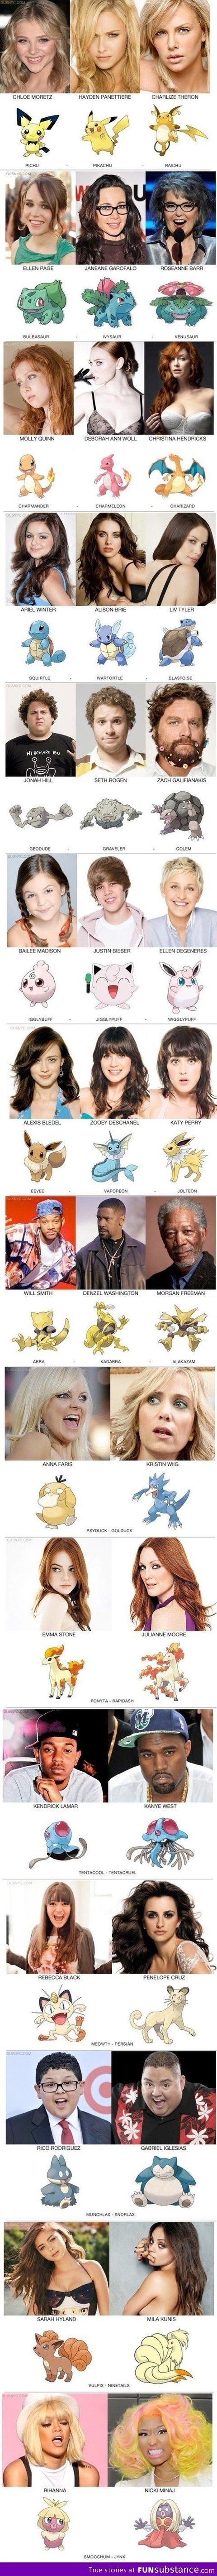 Celebrity evolutions. . cum: MORETZ ELLEN was JANEANE Wynn ROSEANNE mm mum nrqscn V VENASAUR Deanna ANN won HUNDRO% ICA Anson was alumni mum HILL mum» V WILL SM